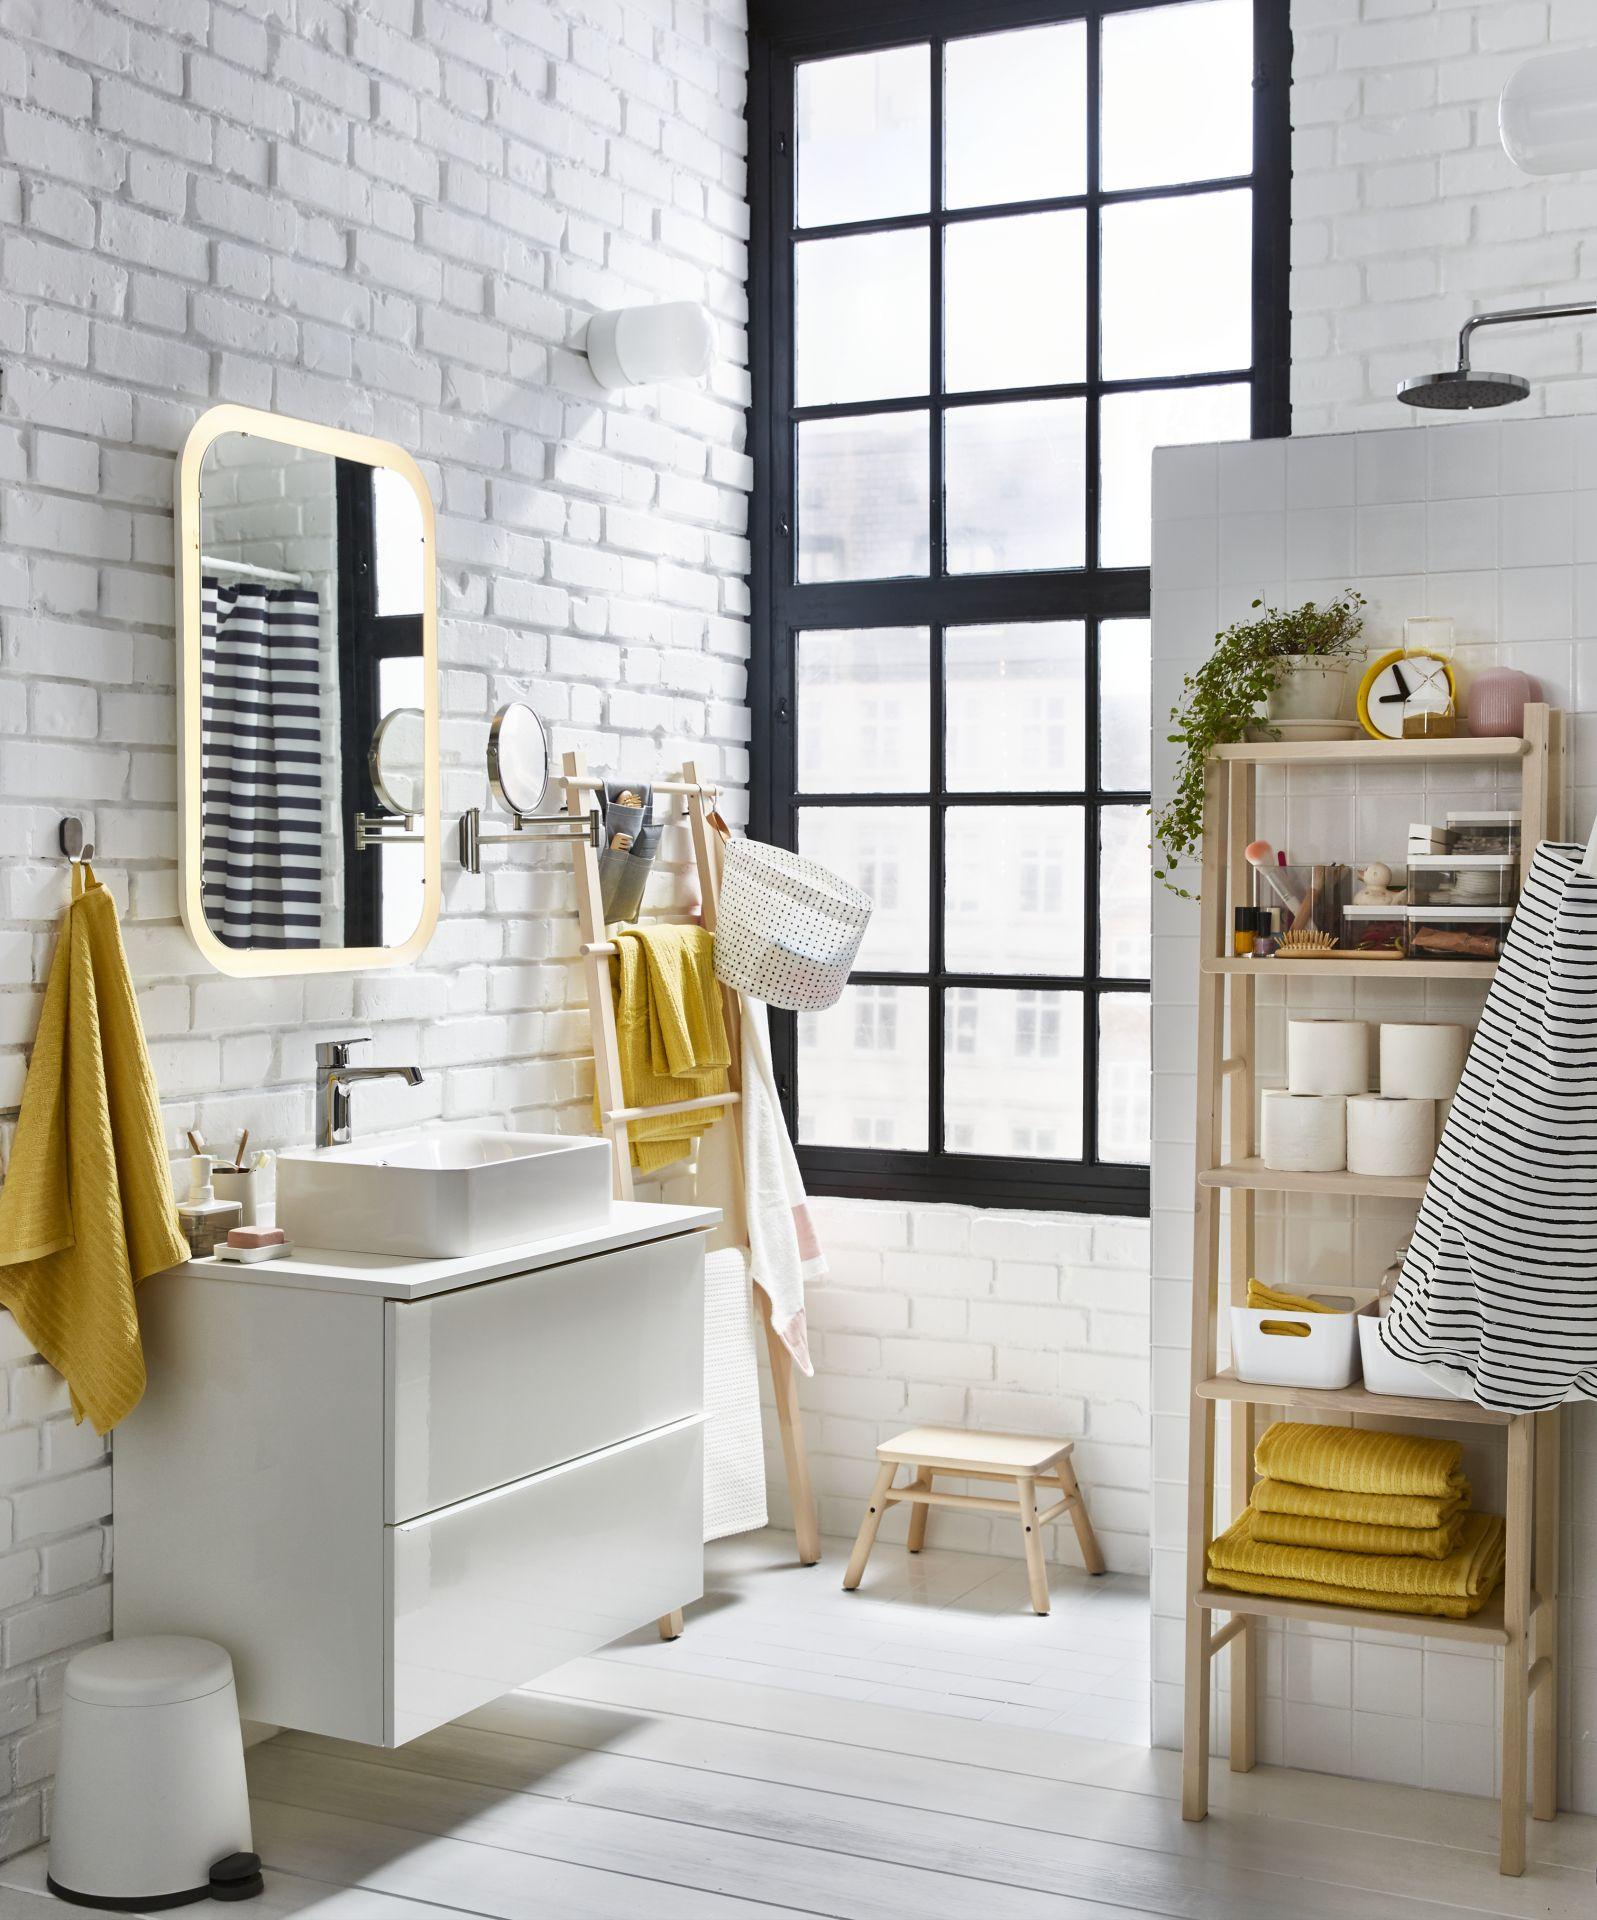 Storjorm Spiegel Mit Beleuchtung Weiss Ikea Deutschland Gelbe Badezimmer Haus Deko Ikea